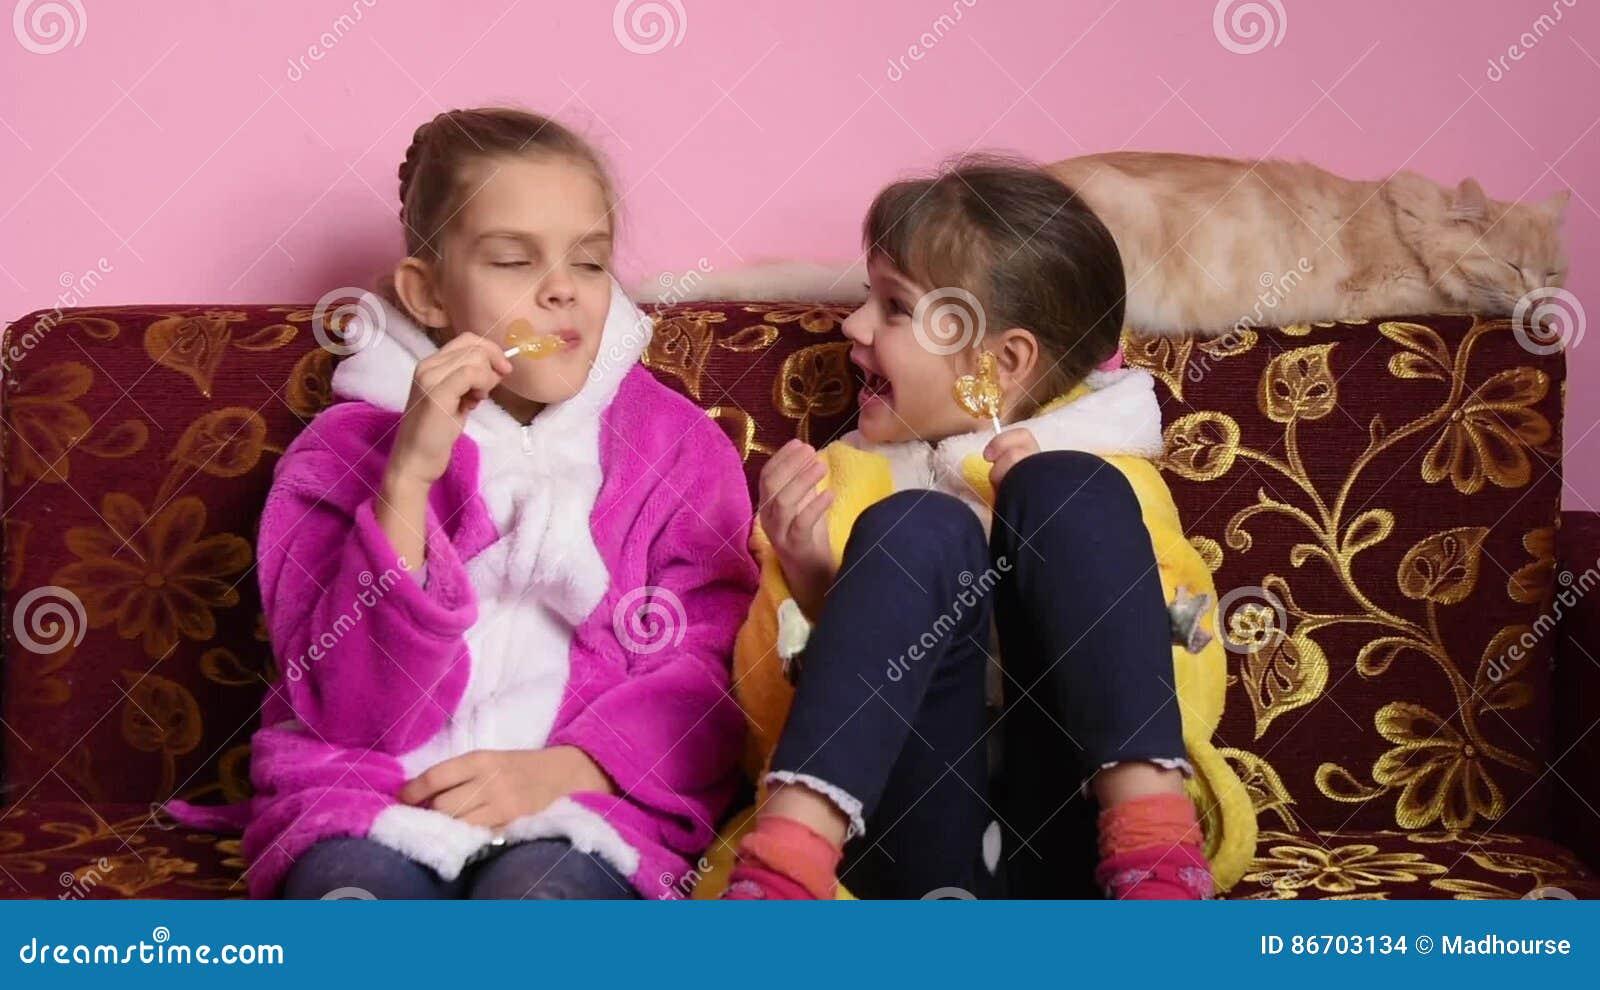 Сосать член соседу, Видеозаписи Ваши интим знакомства! Россия ВКонтакте 30 фотография